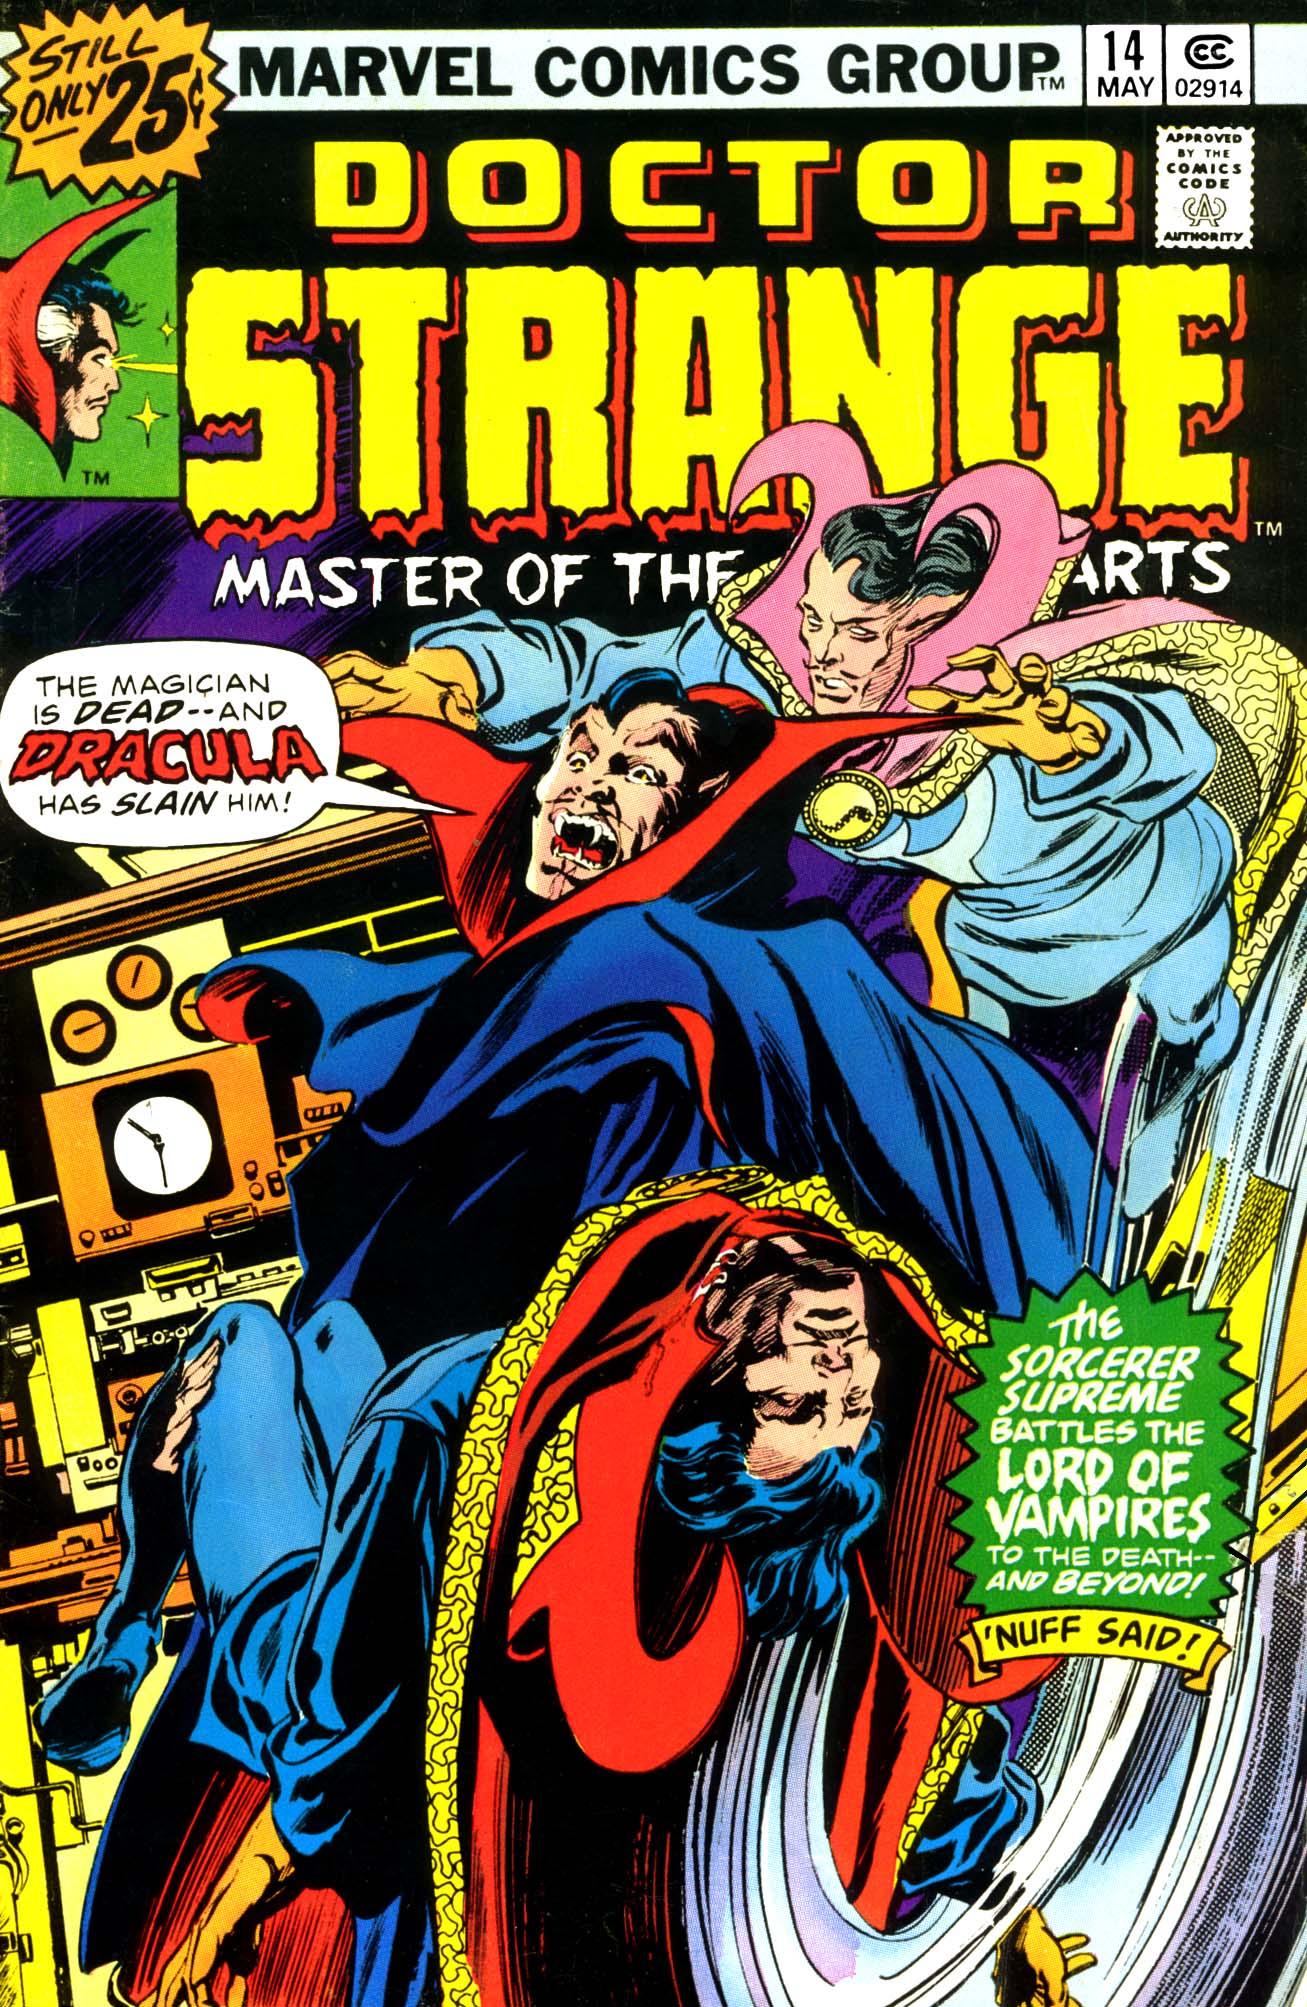 Doctor Strange (1974) 14 Page 1